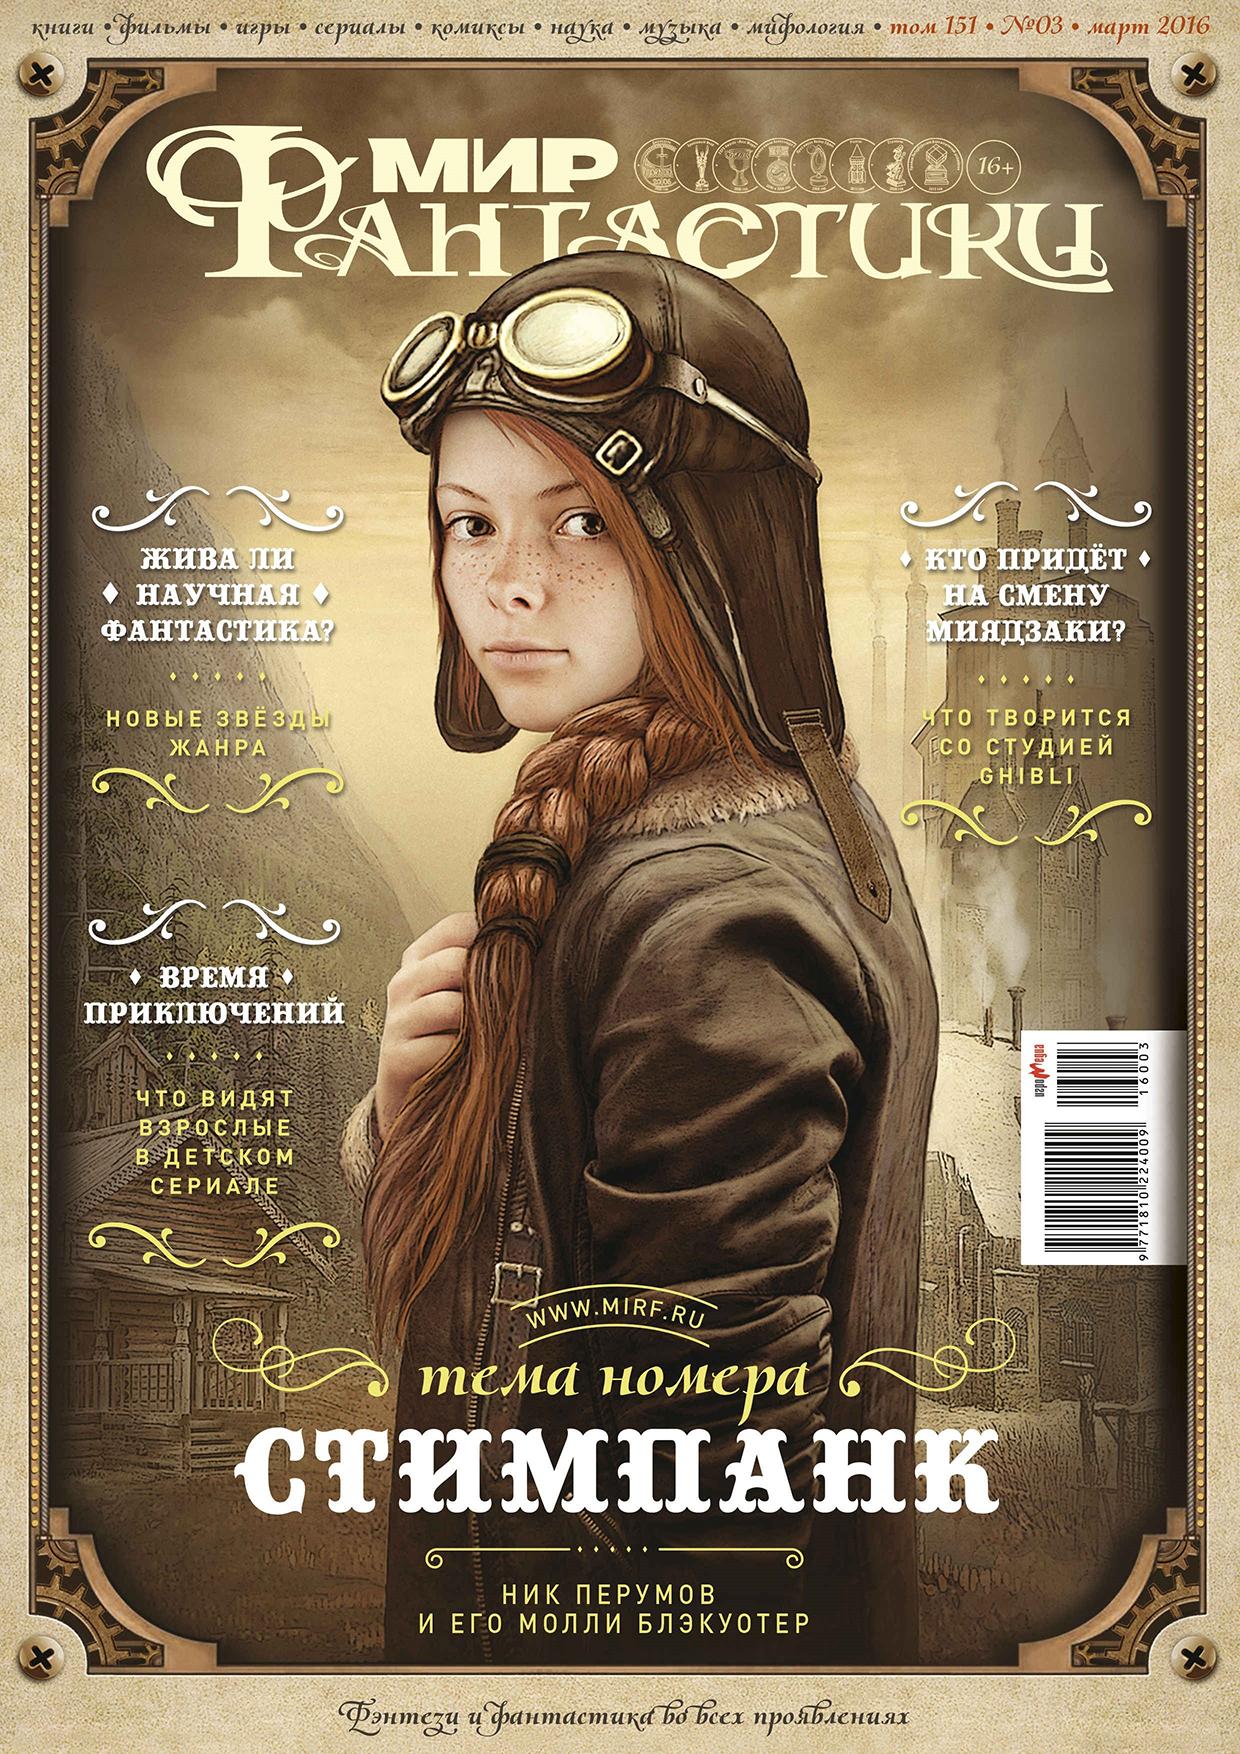 Мир фантастики №151 (Март 2016)